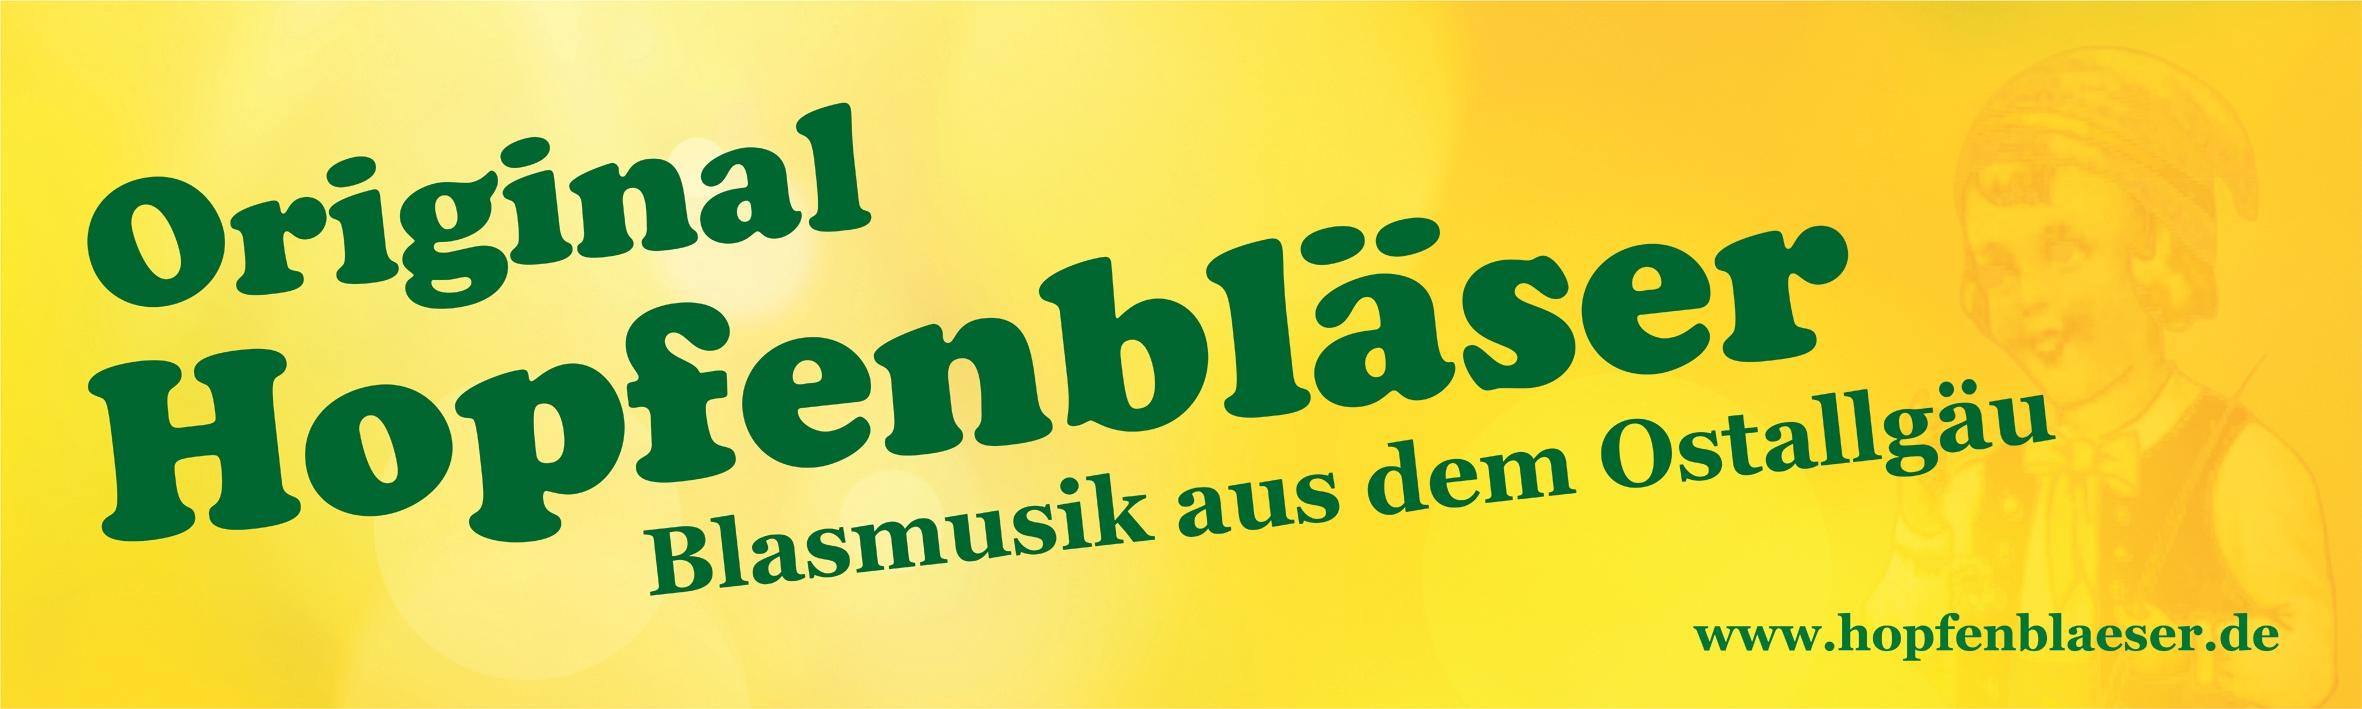 Banner als Bild